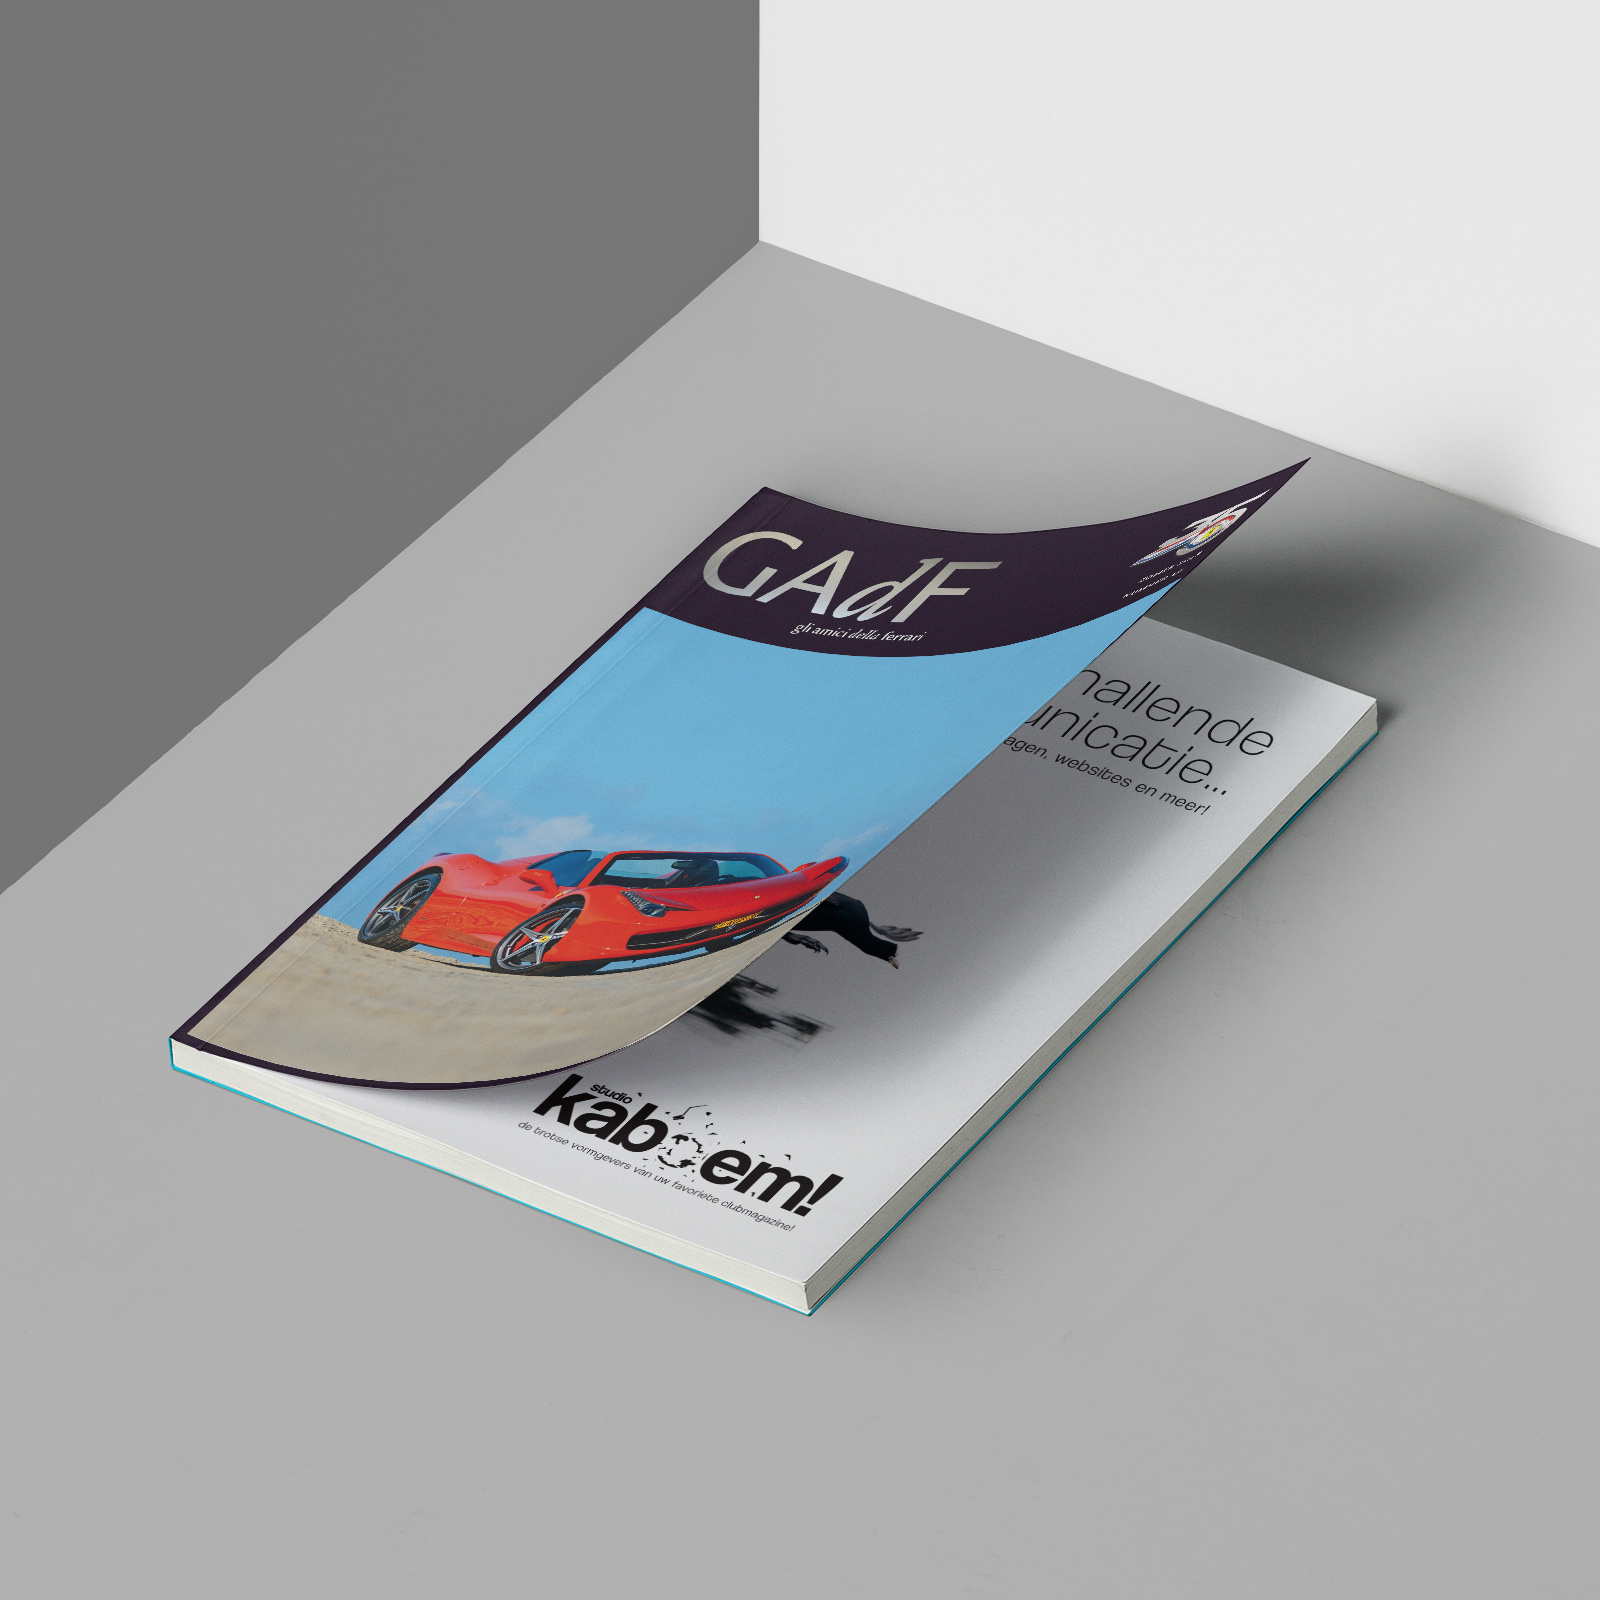 GAdF Ferrari Magazine Studio Kaboem